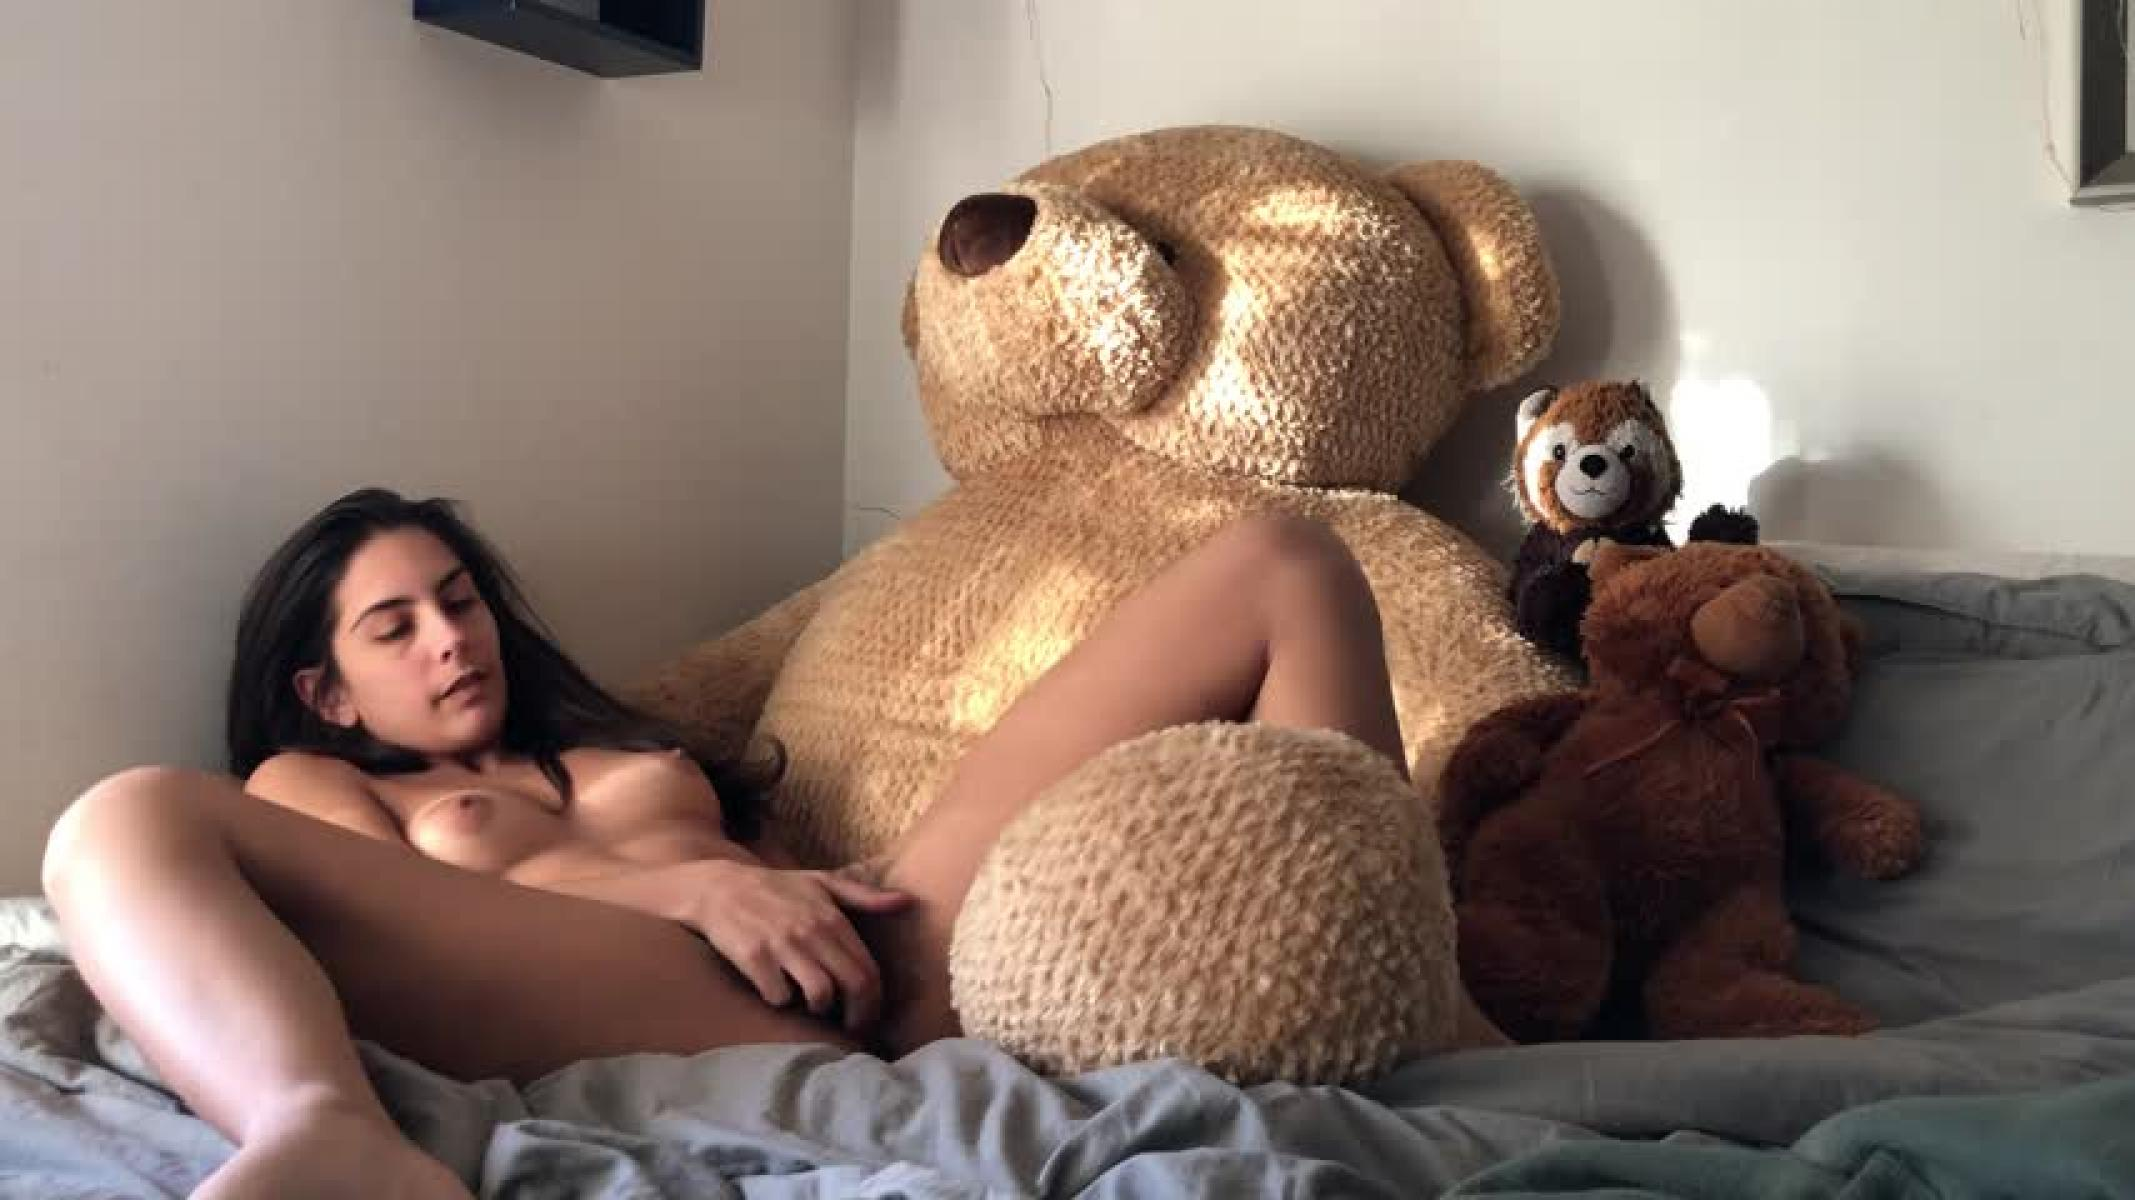 Teen Humps Teddy Bear